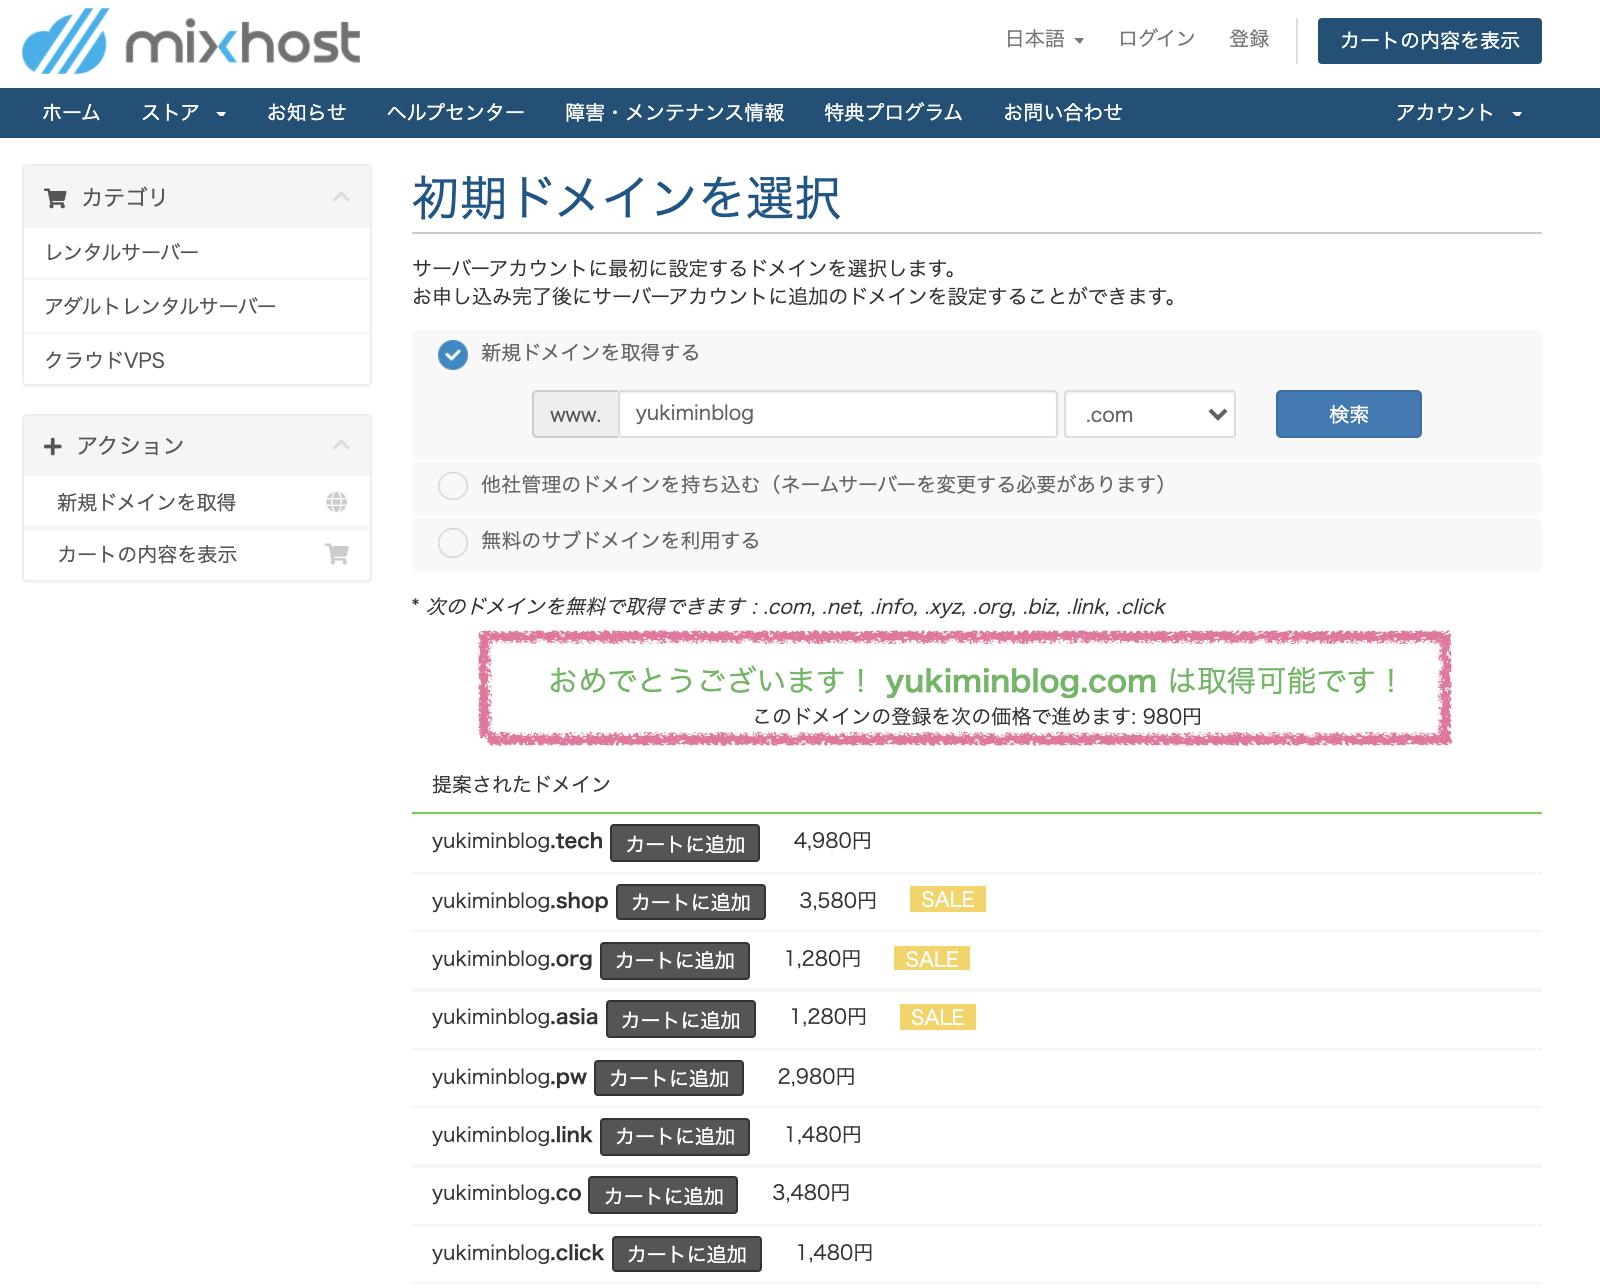 mixhostの申し込み方法